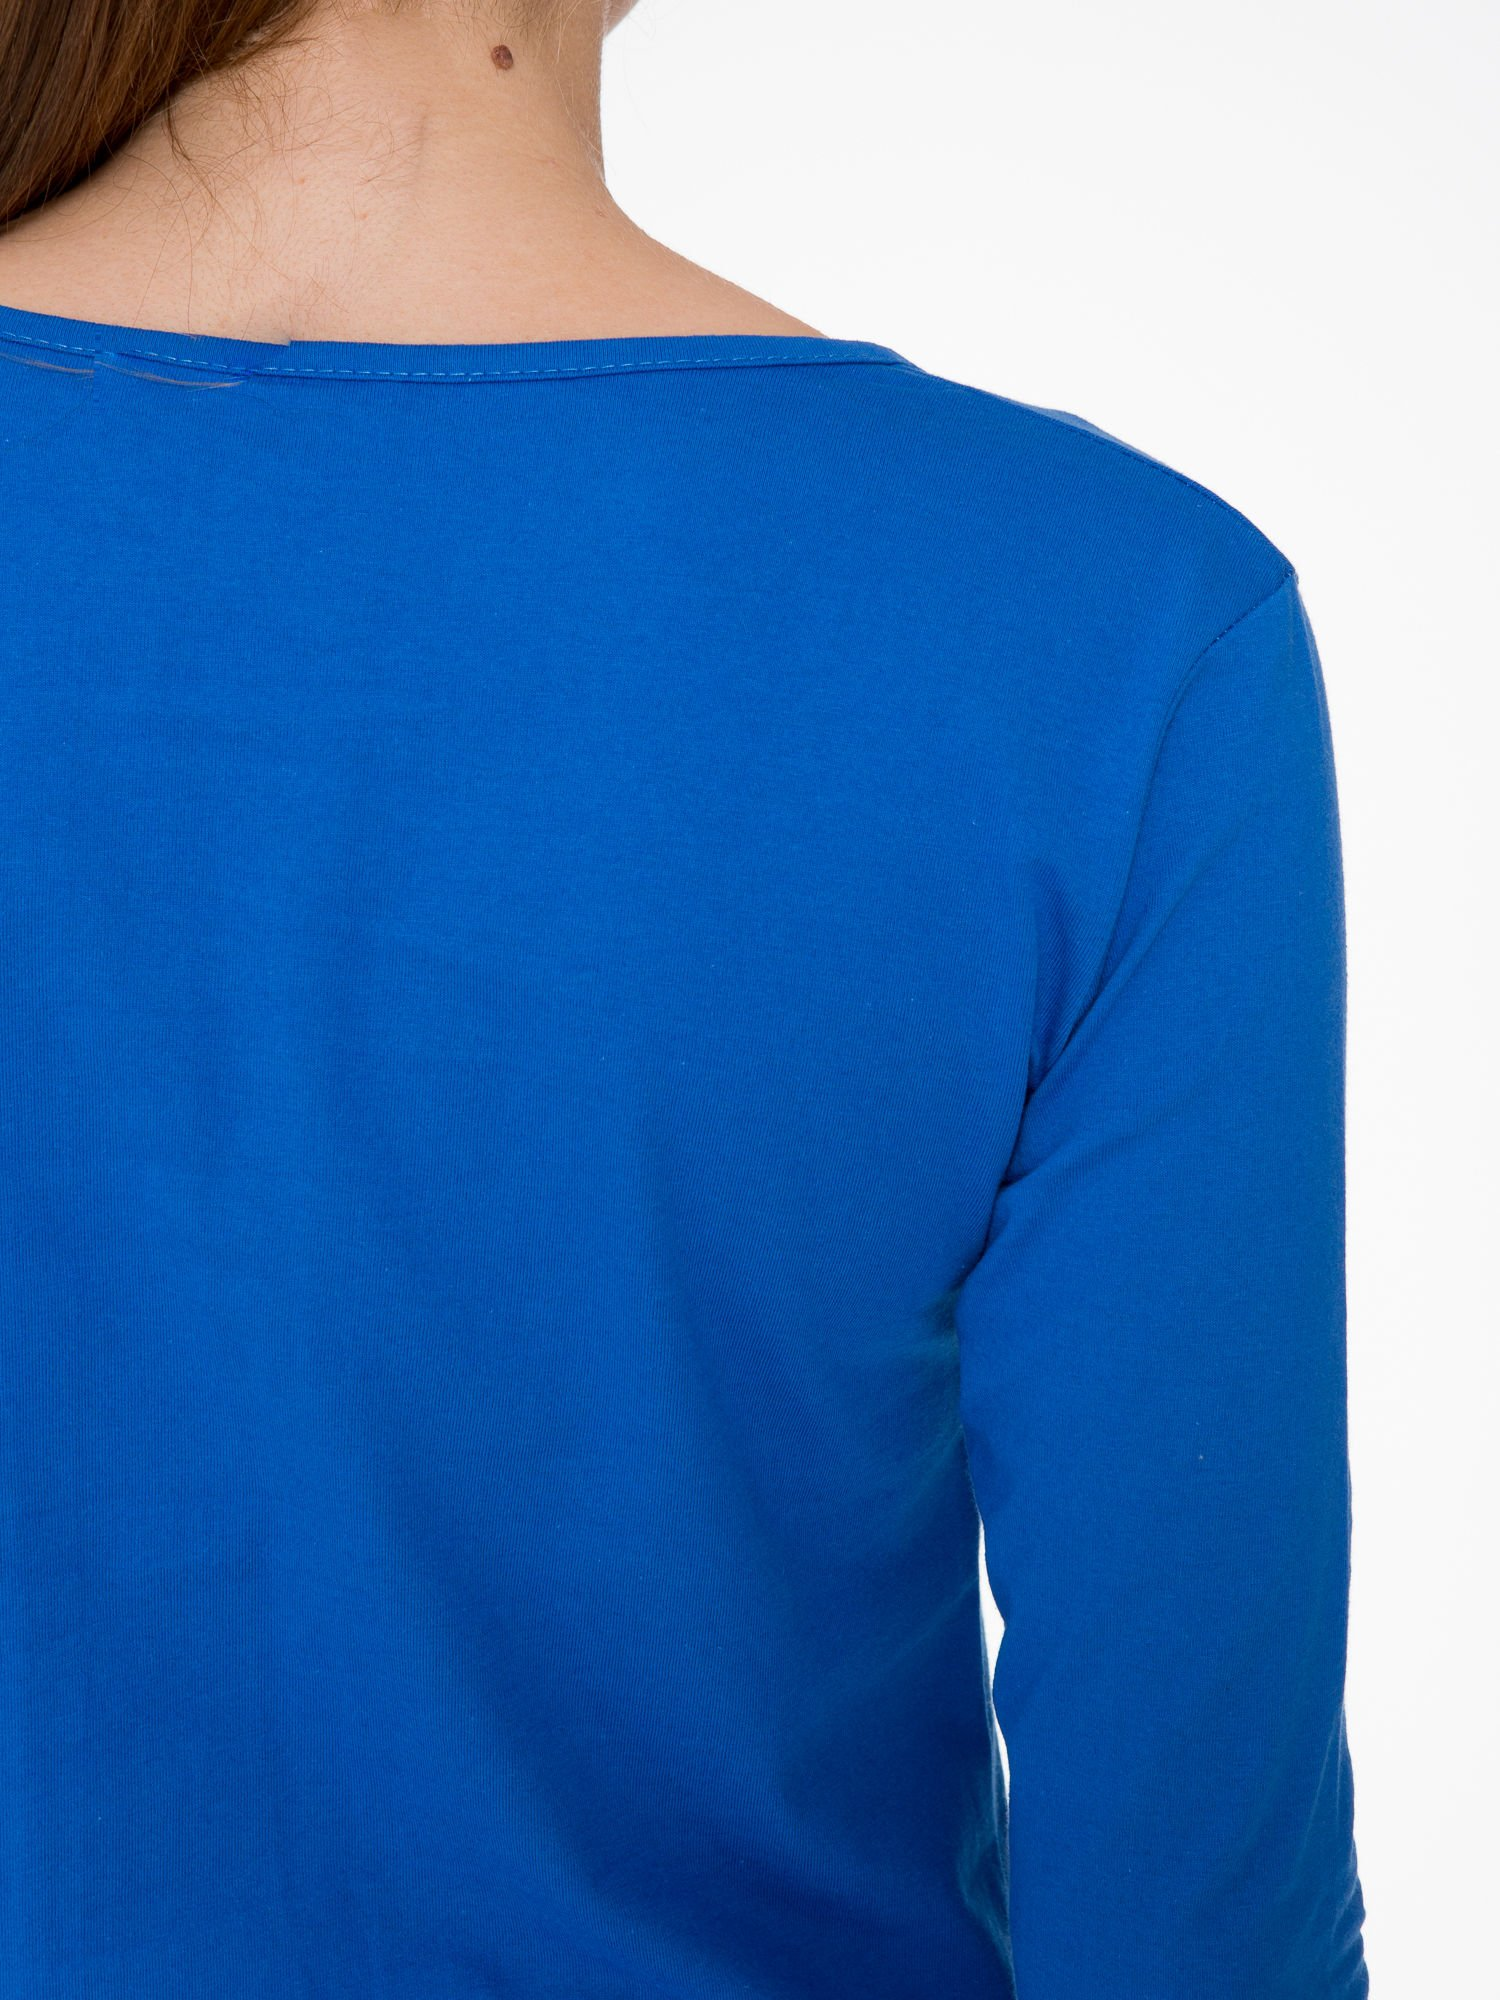 Niebieska bluzka z nadrukiem loga Instagrama                                  zdj.                                  7